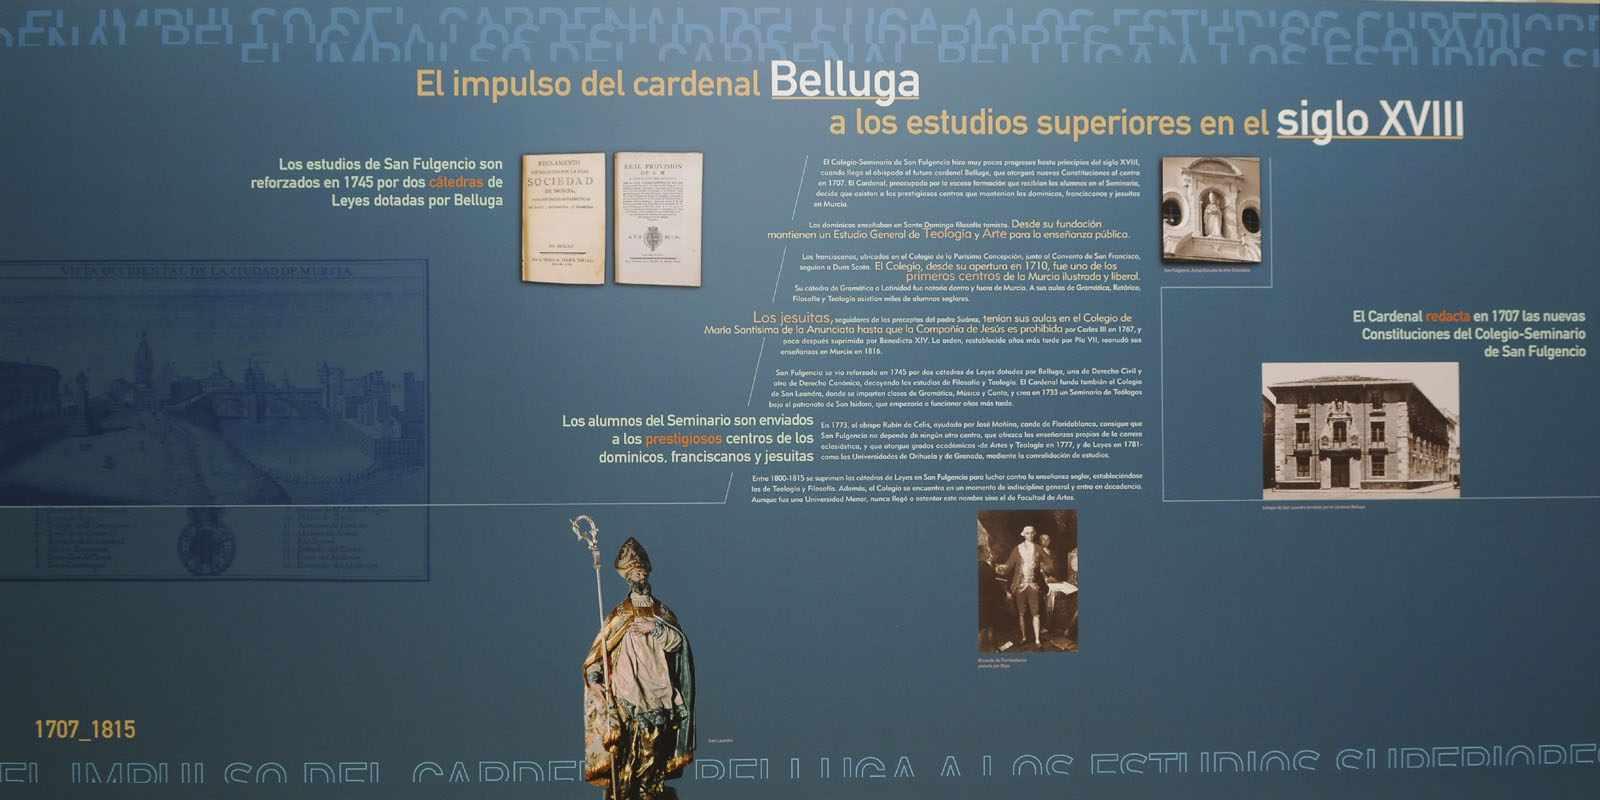 El Cardenal Belluga y los estudios superiores en el siglo XVIII